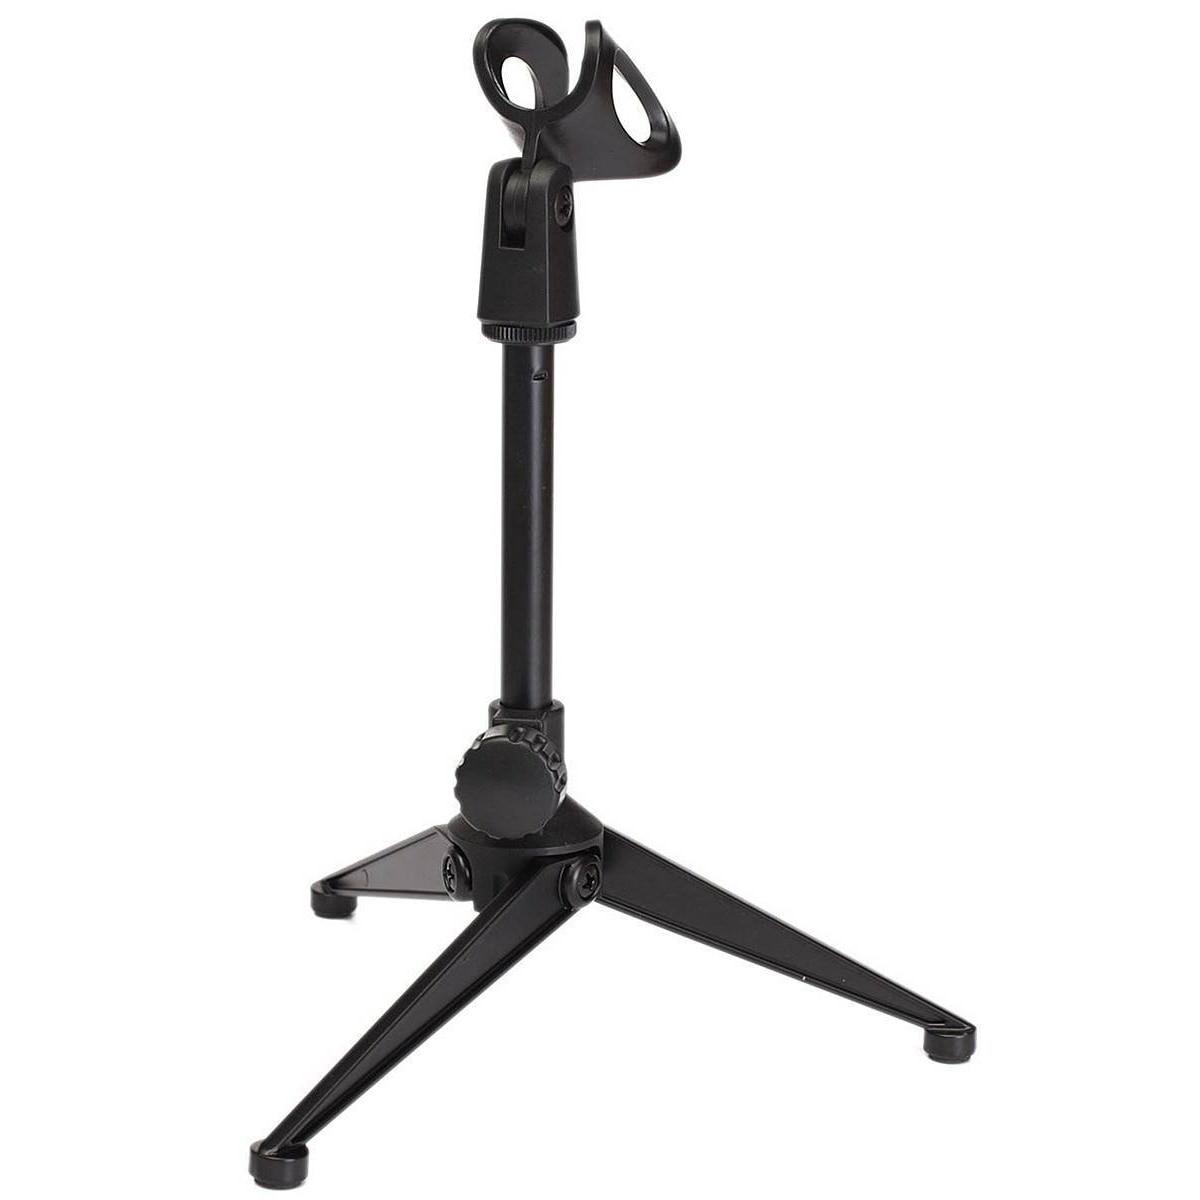 NOCM-suporte do Microfone Pedestal de microfone suporte de Mesa suporte de mesa microfone Mic Stand titular com braçadeira